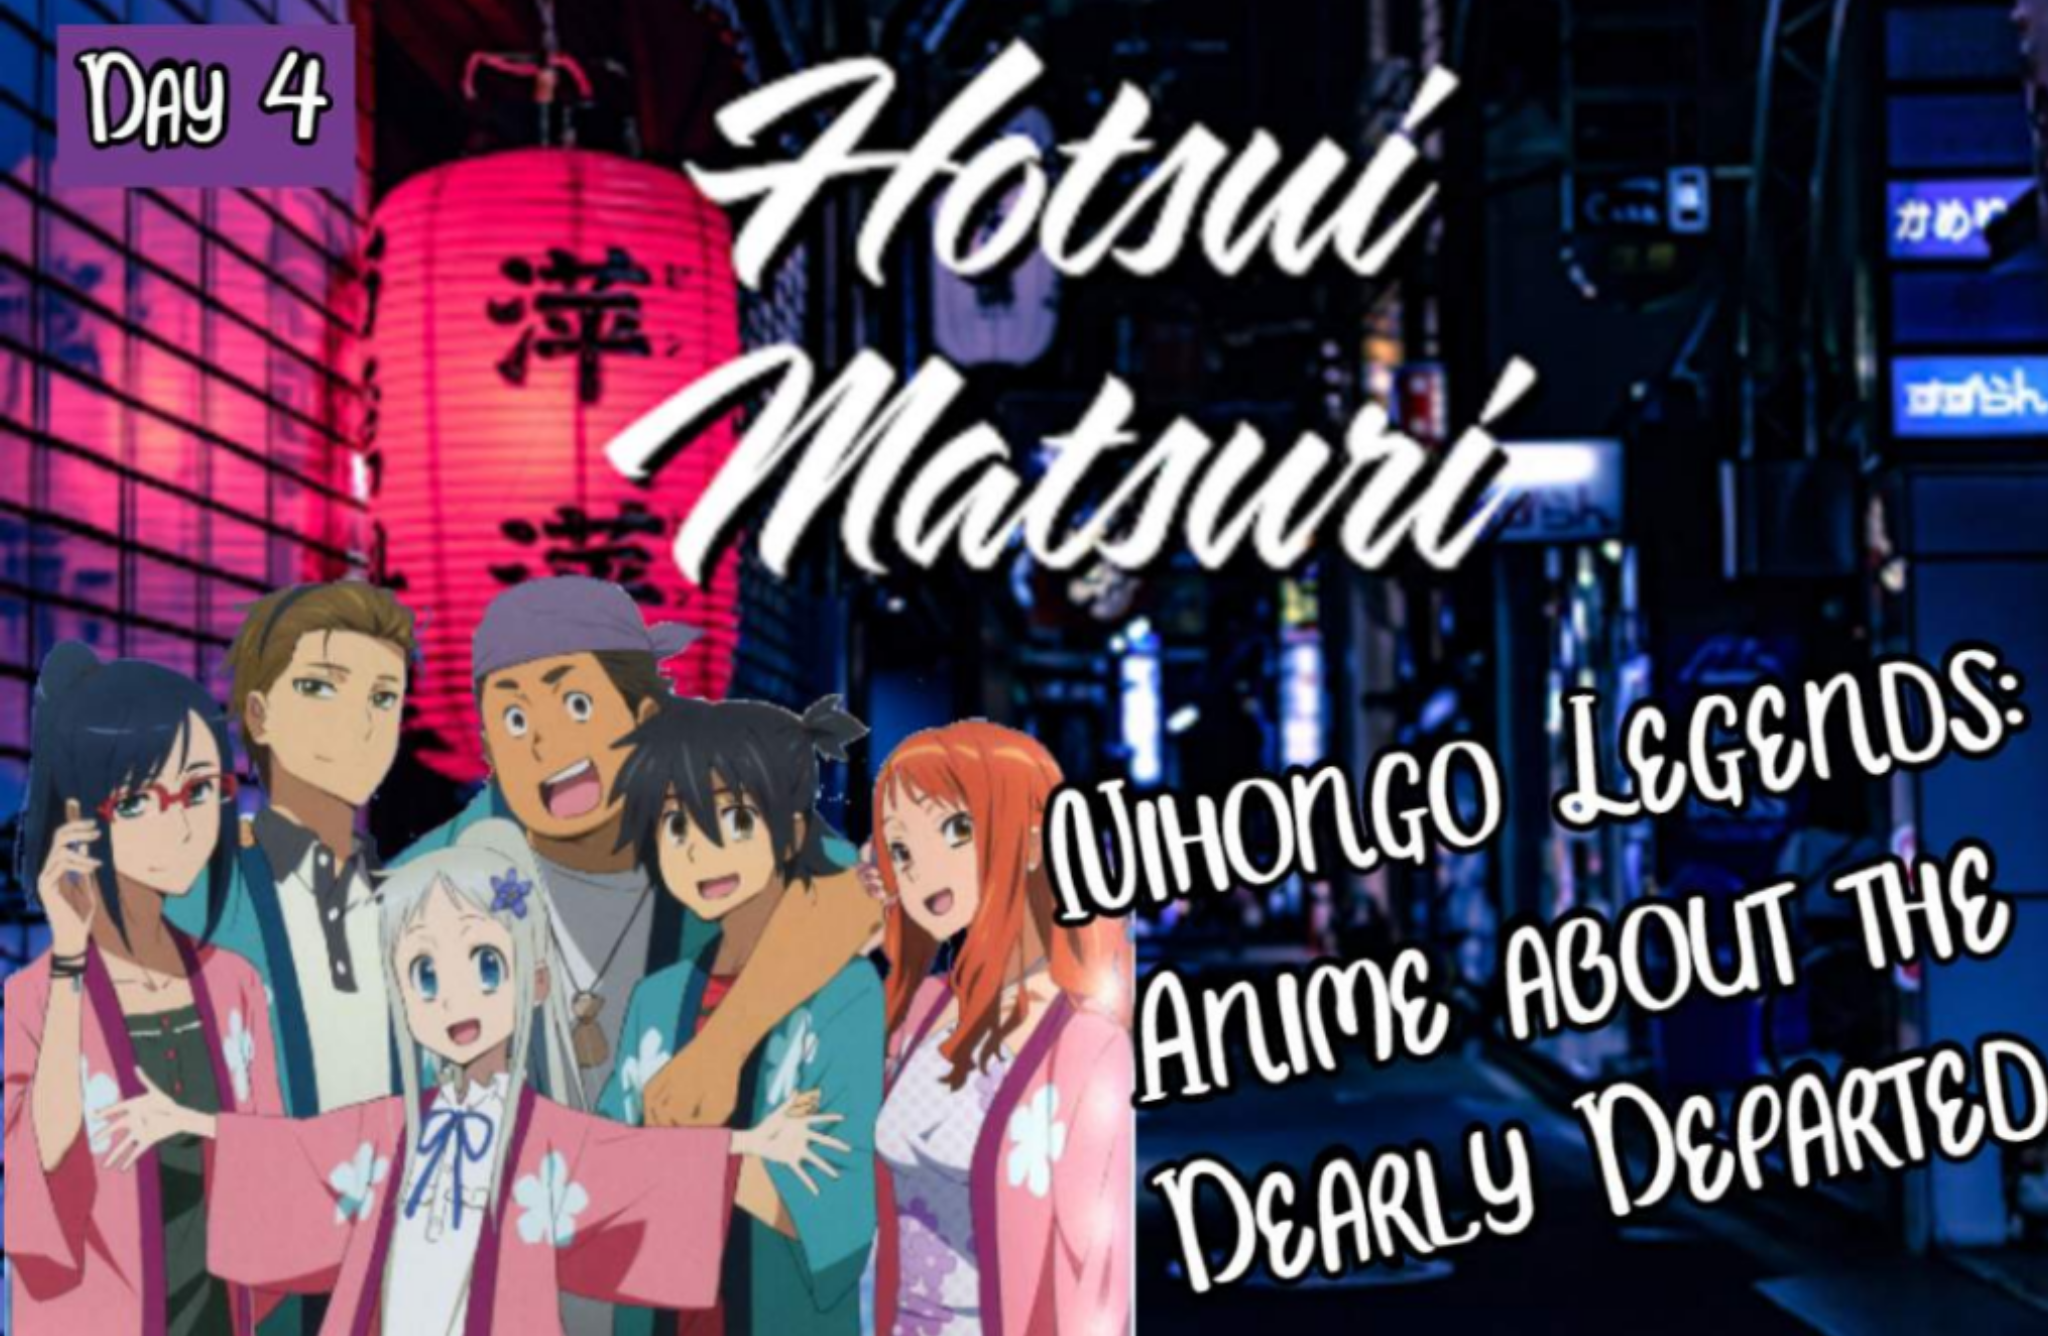 Animatrix Network: Hotarubi no Mori e